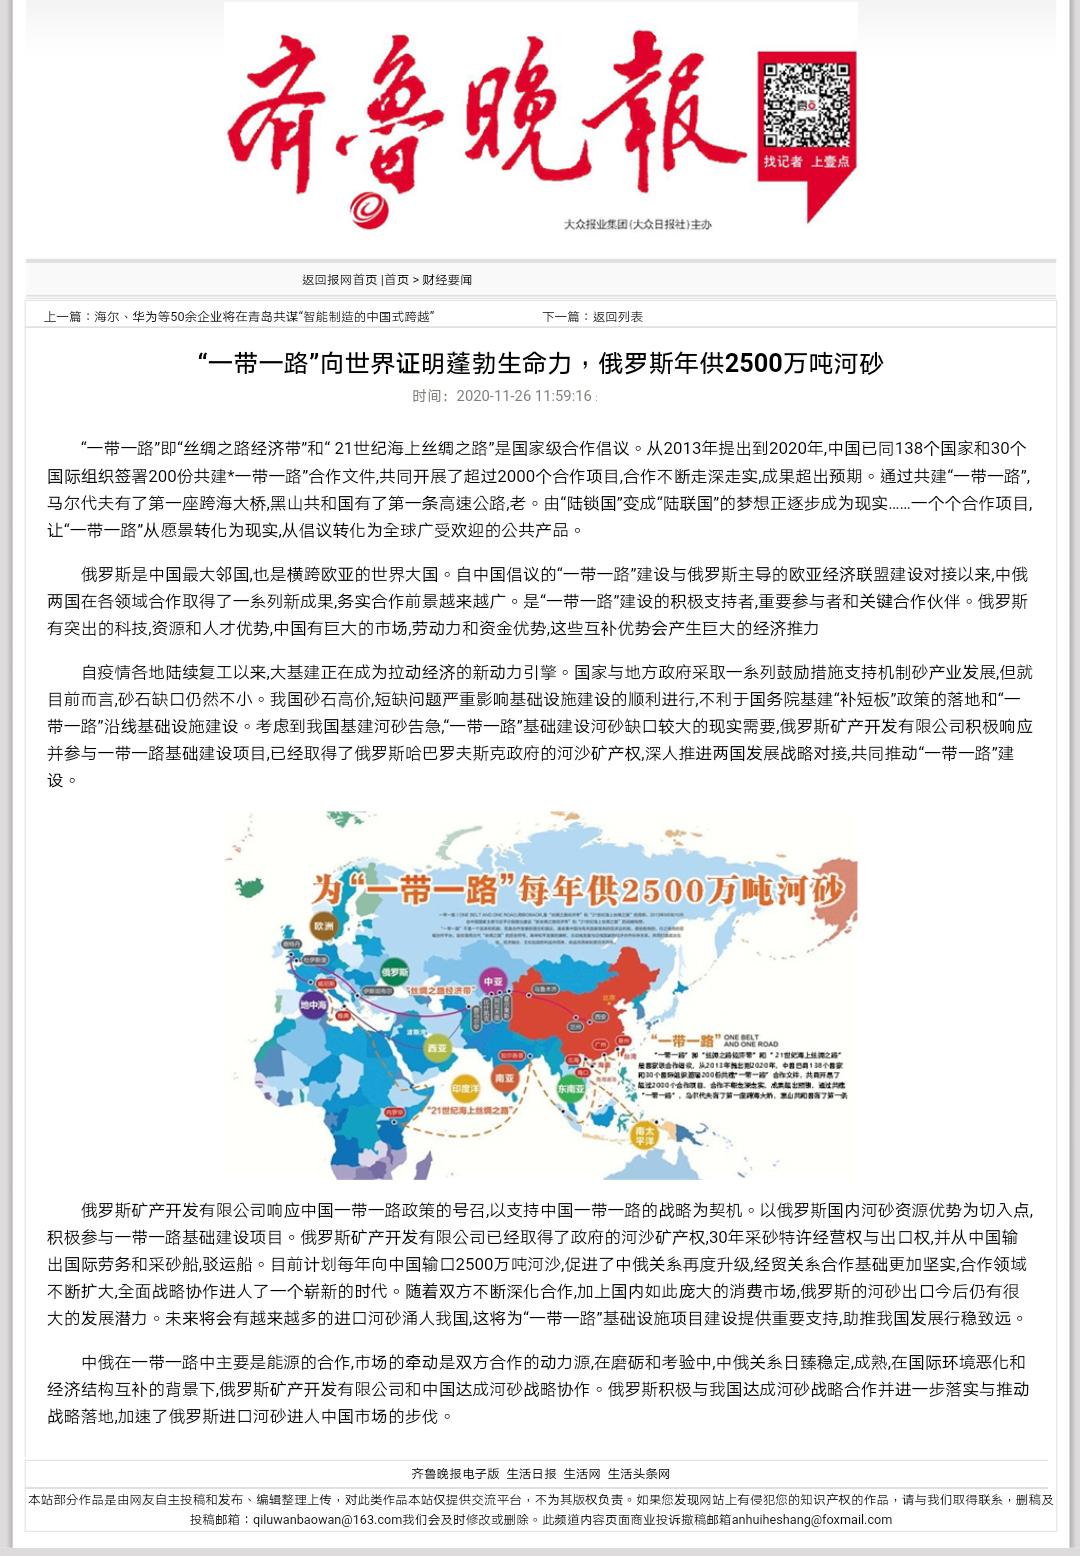 """""""世界媒体500强""""《齐鲁晚报》"""